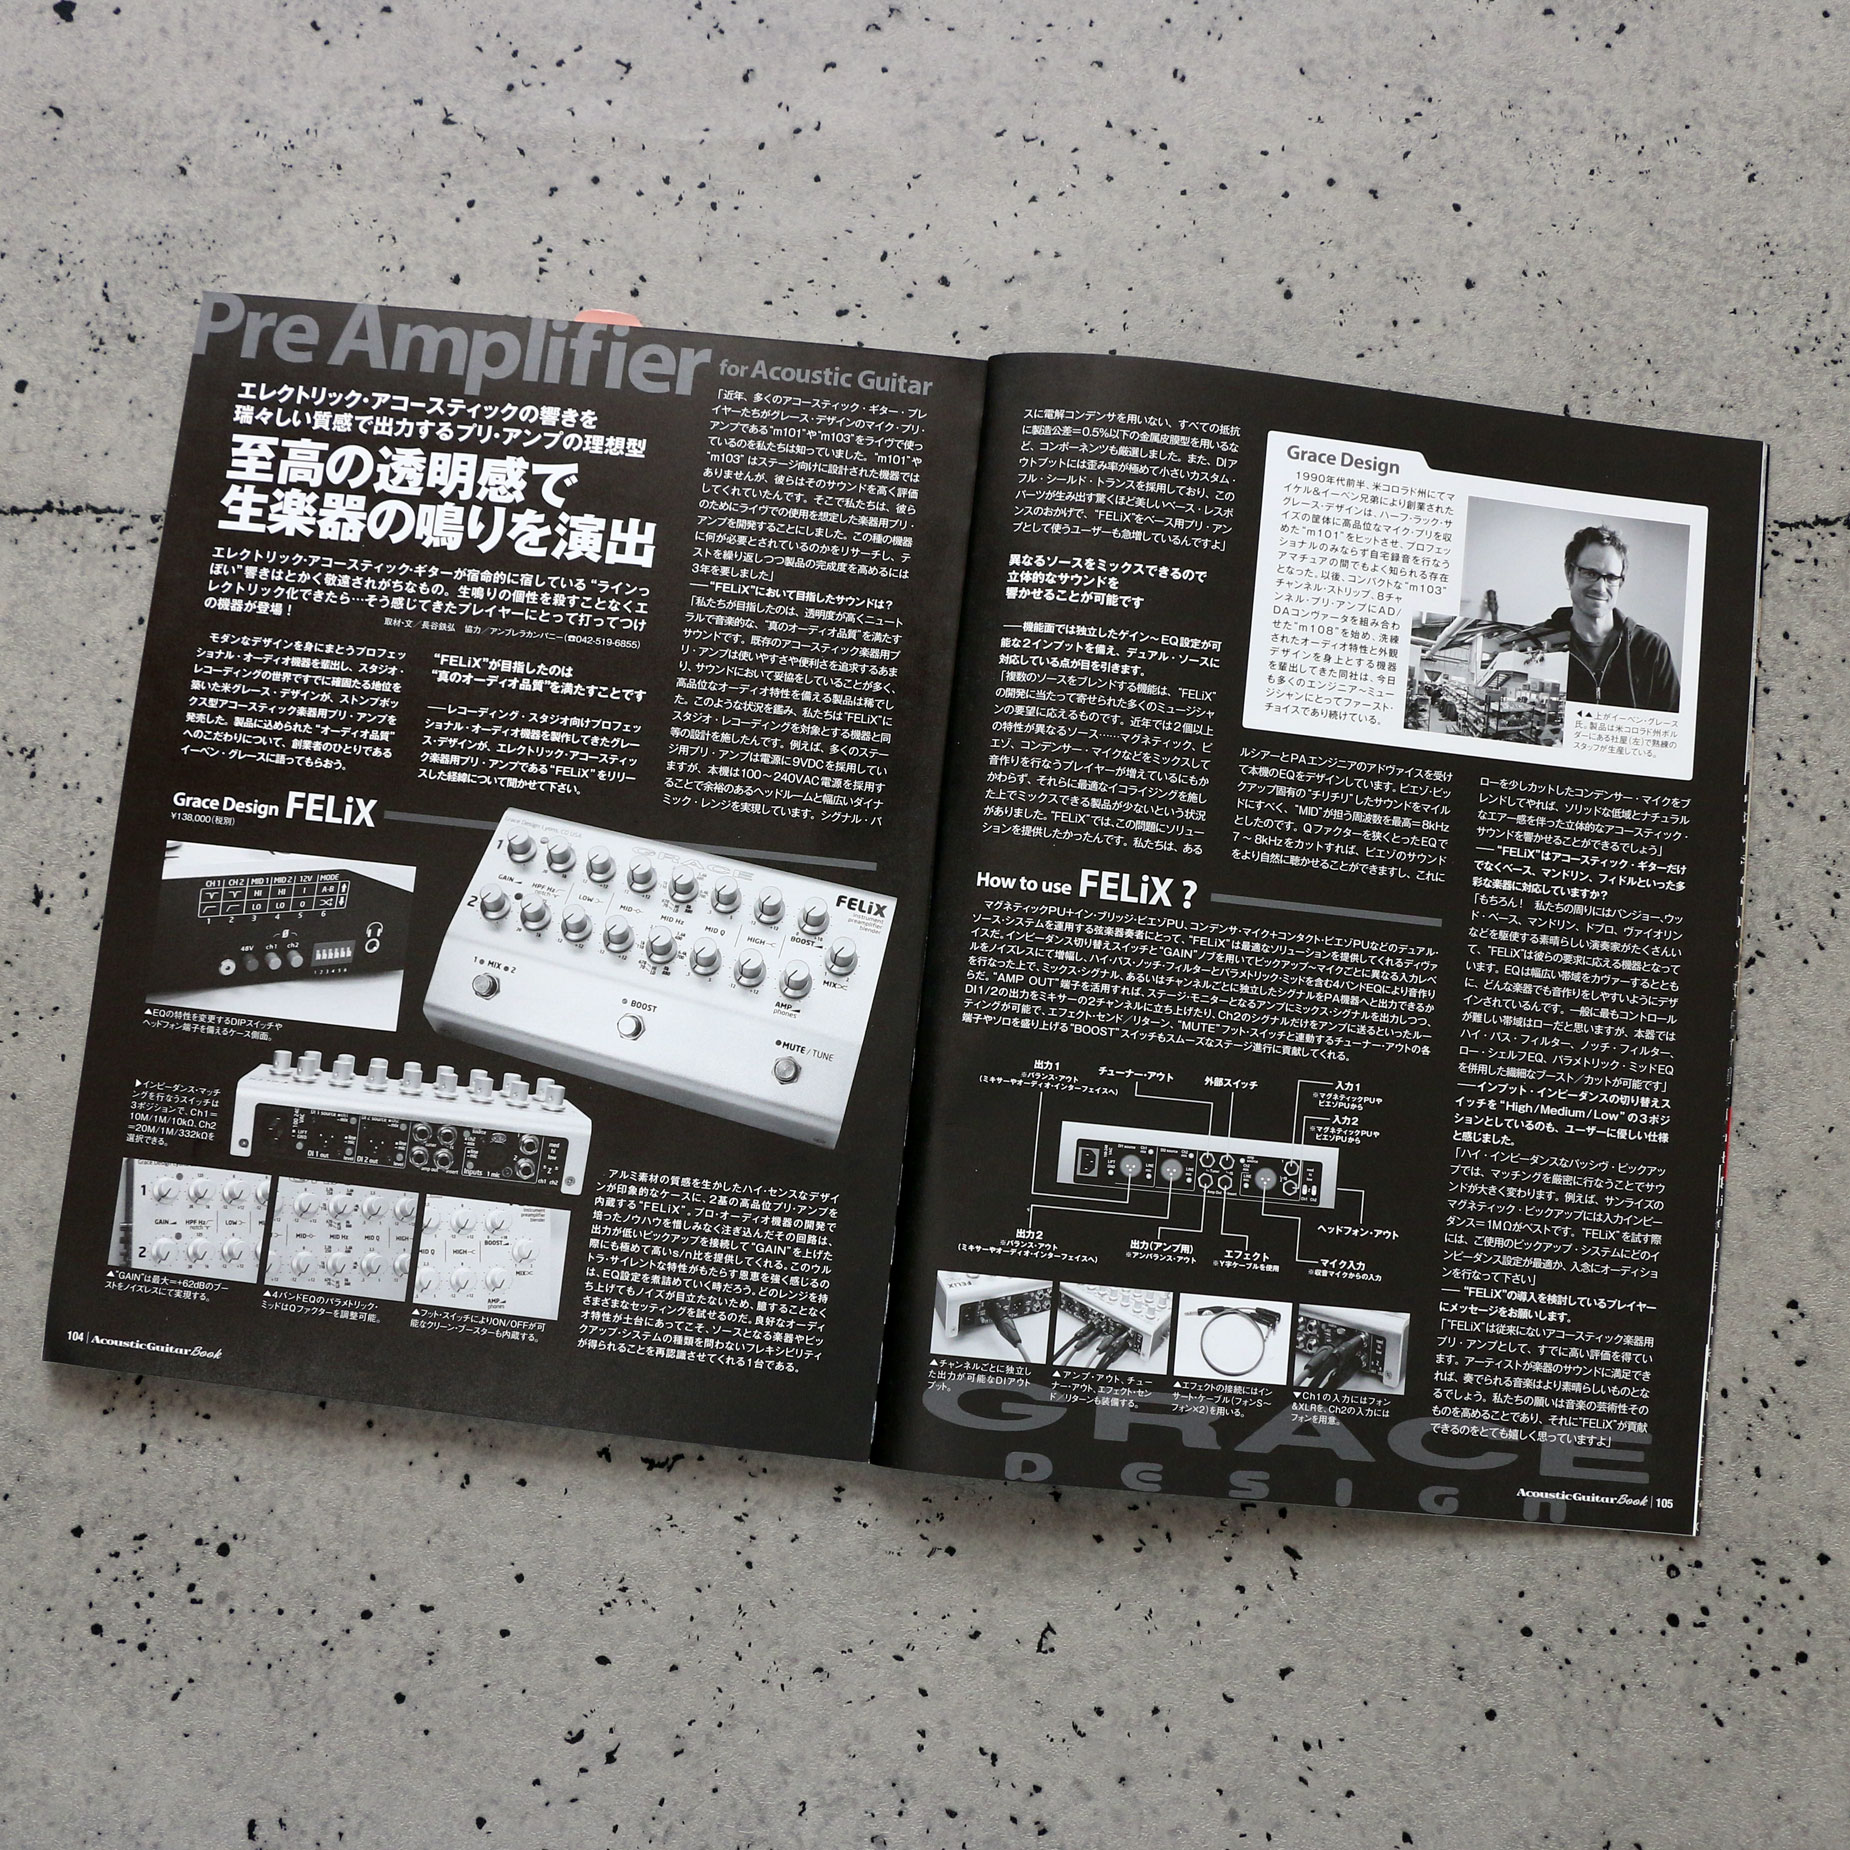 grace-felix-magazine-review-agb-01